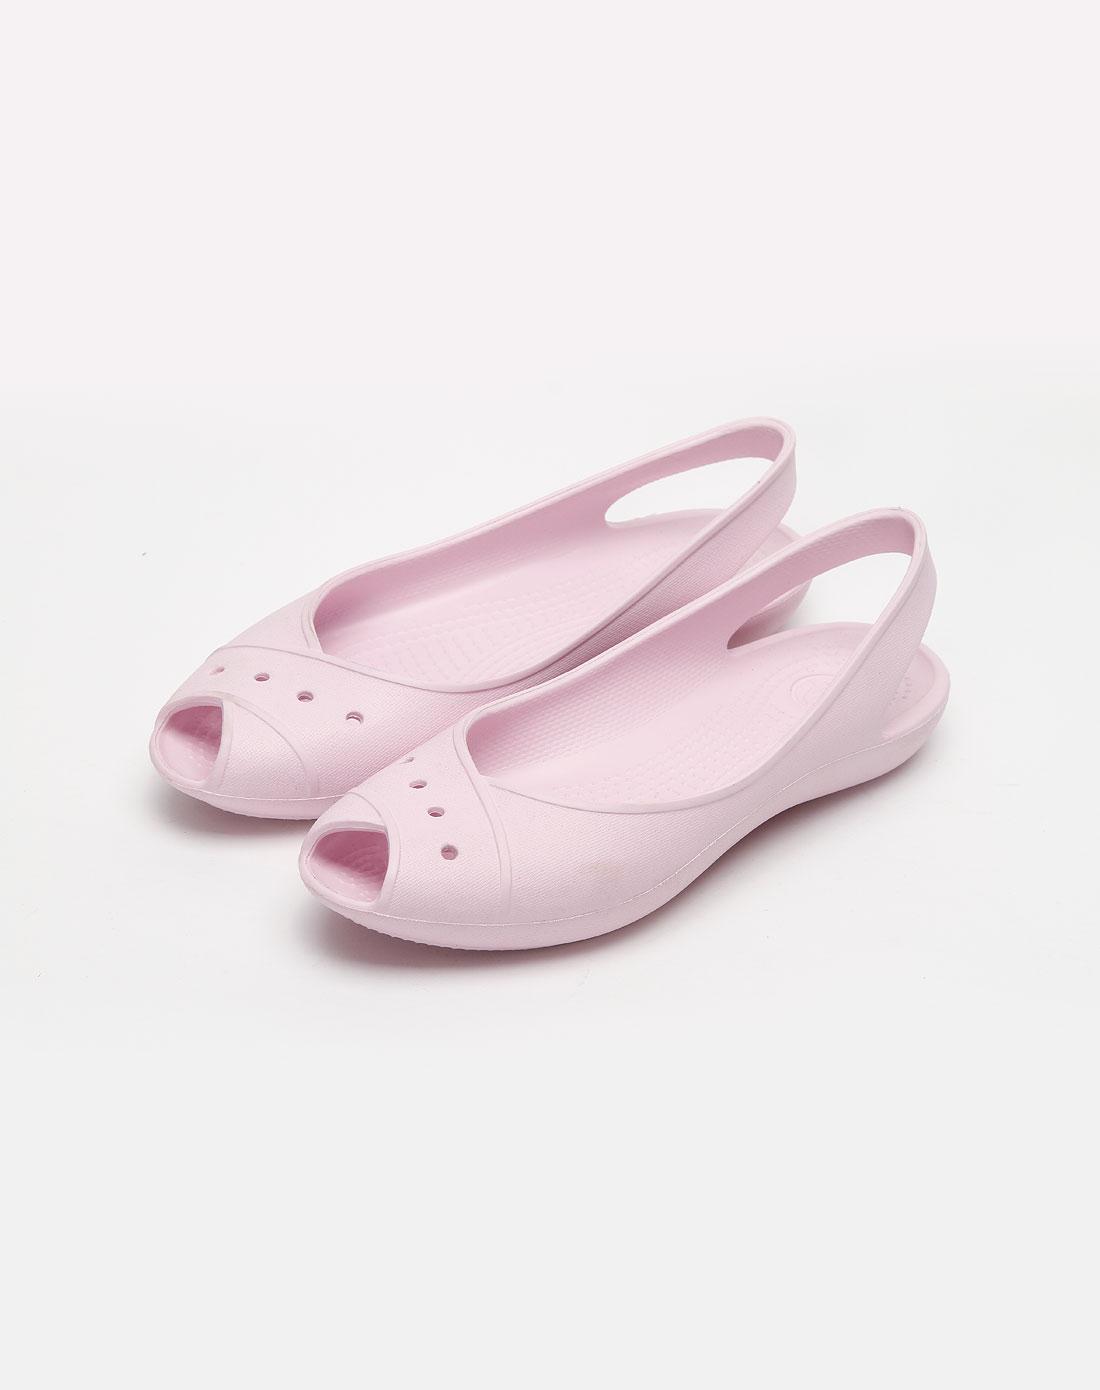 女款淡粉色鱼嘴凉鞋_卡路驰crocs官网特价1.6-6.1折